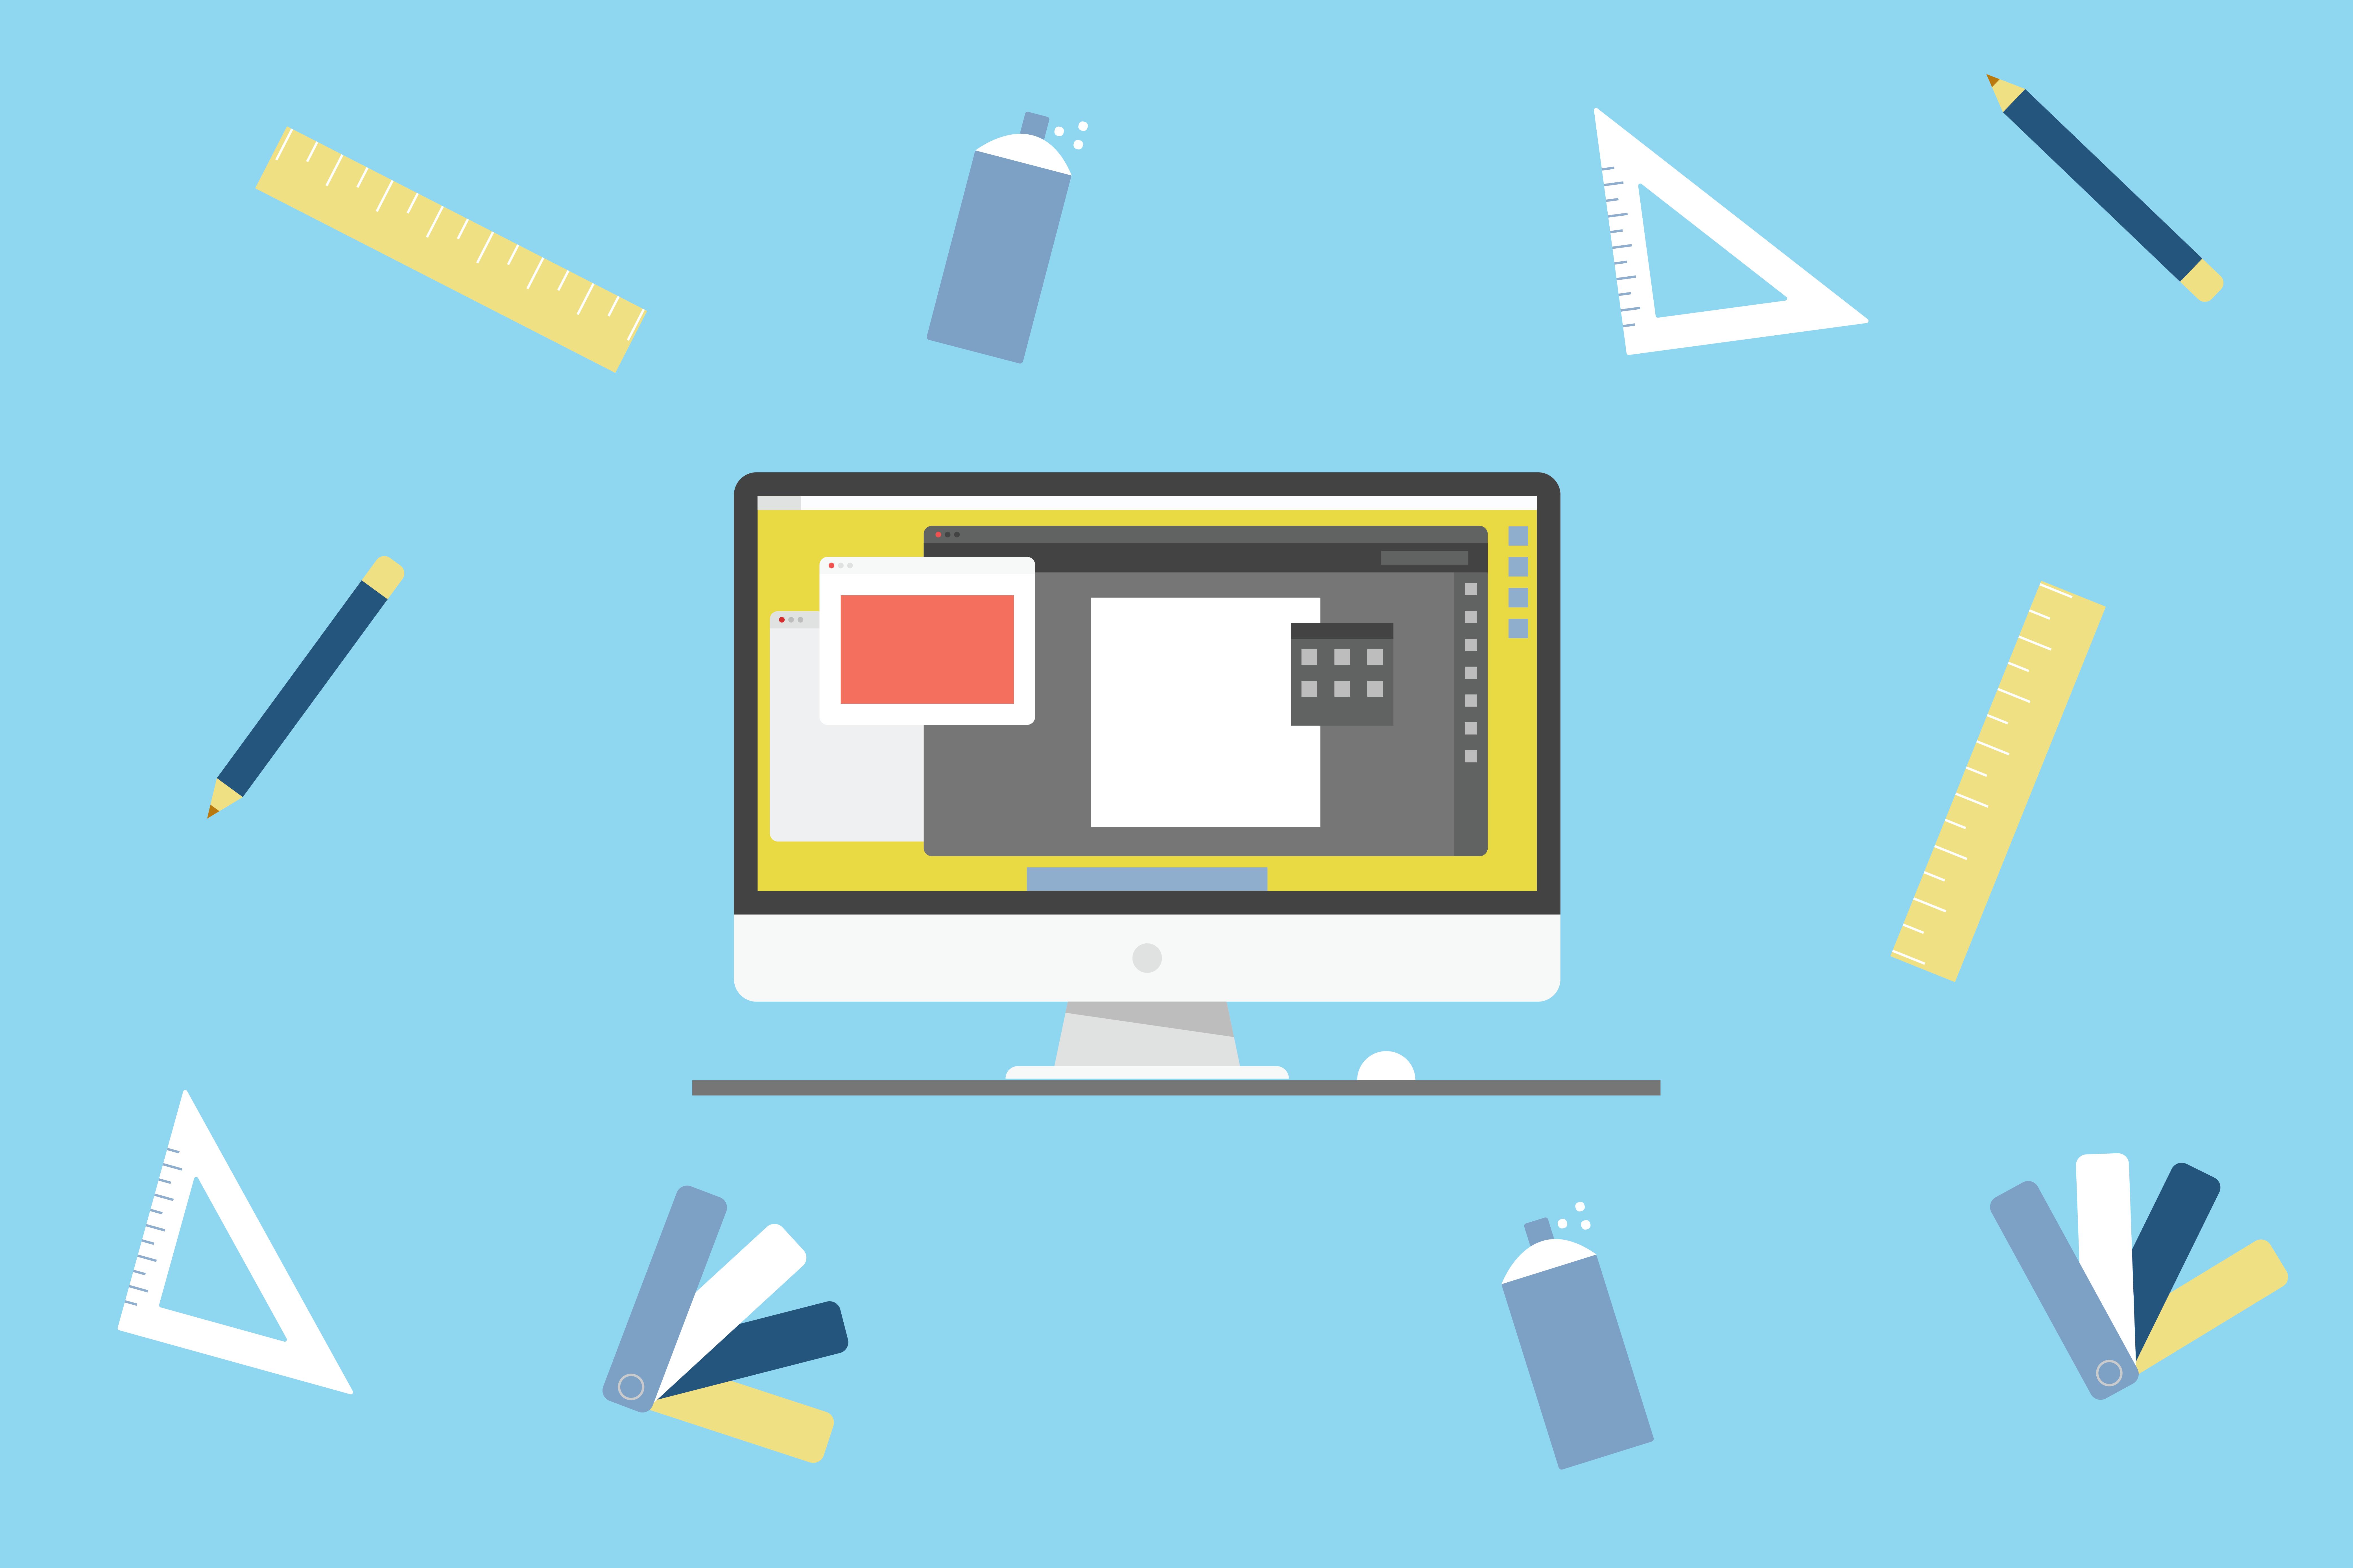 graphic design element icons